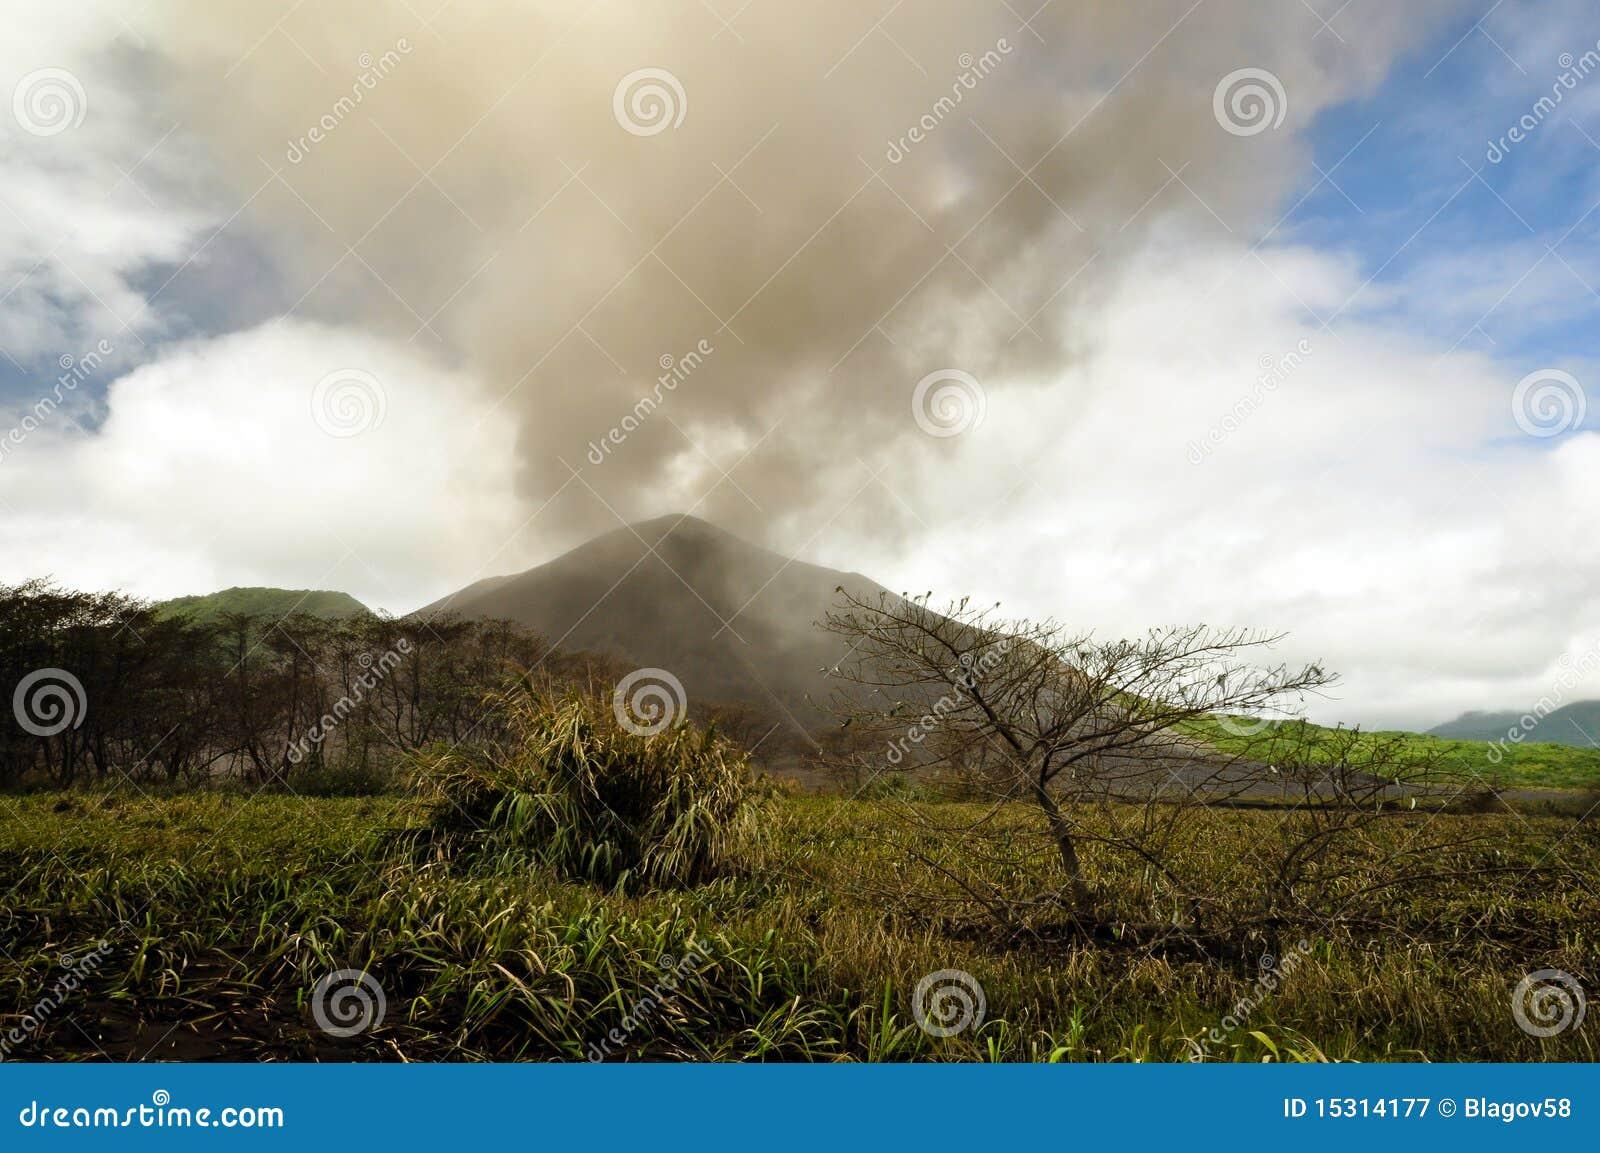 Askaoklarhetsmontering över vulkanisk yasur